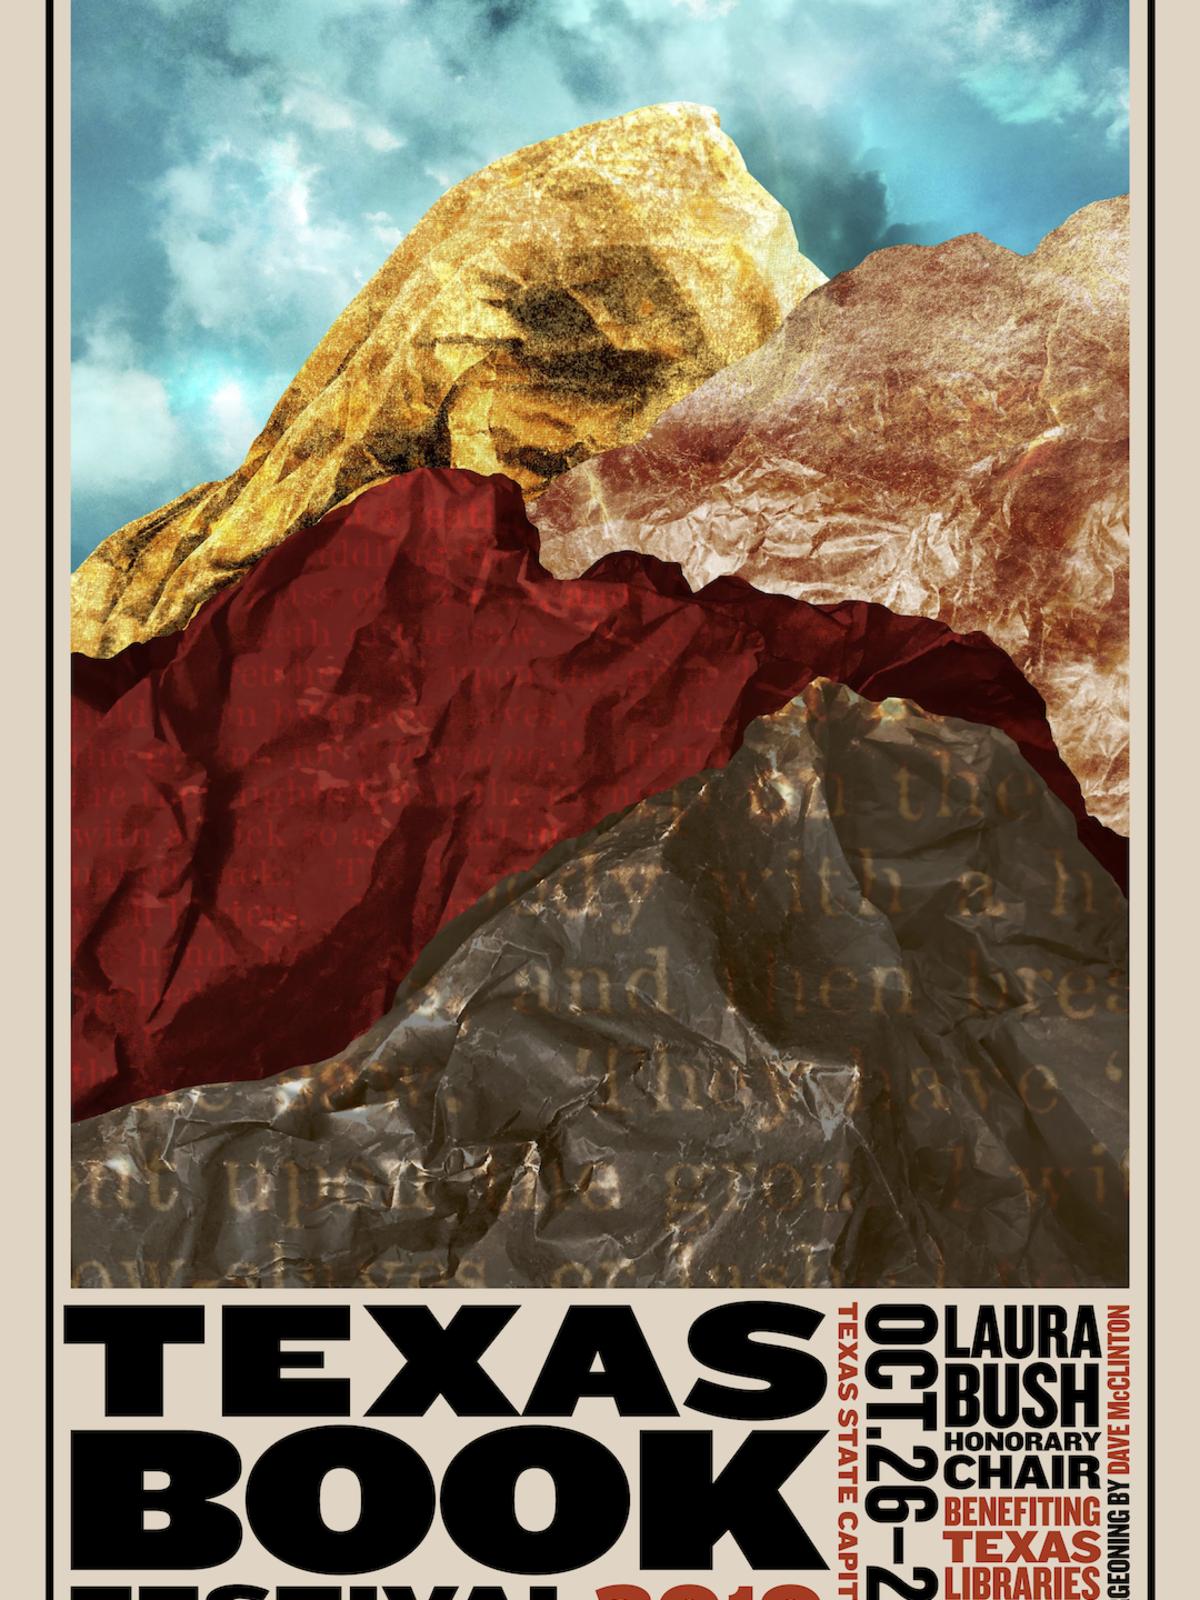 Texas Book Festival 2019 poster